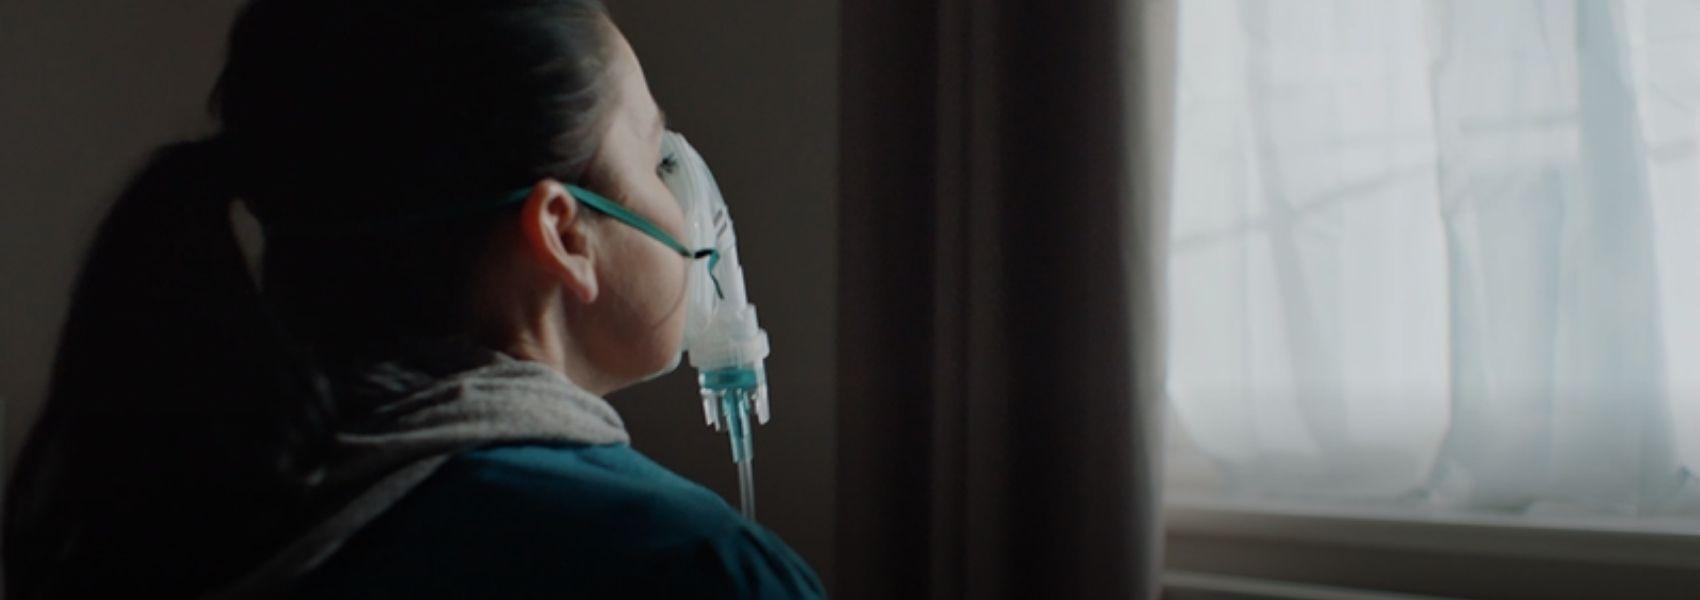 Asma grave afeta 5% a 10% dos asmáticos em Portugal